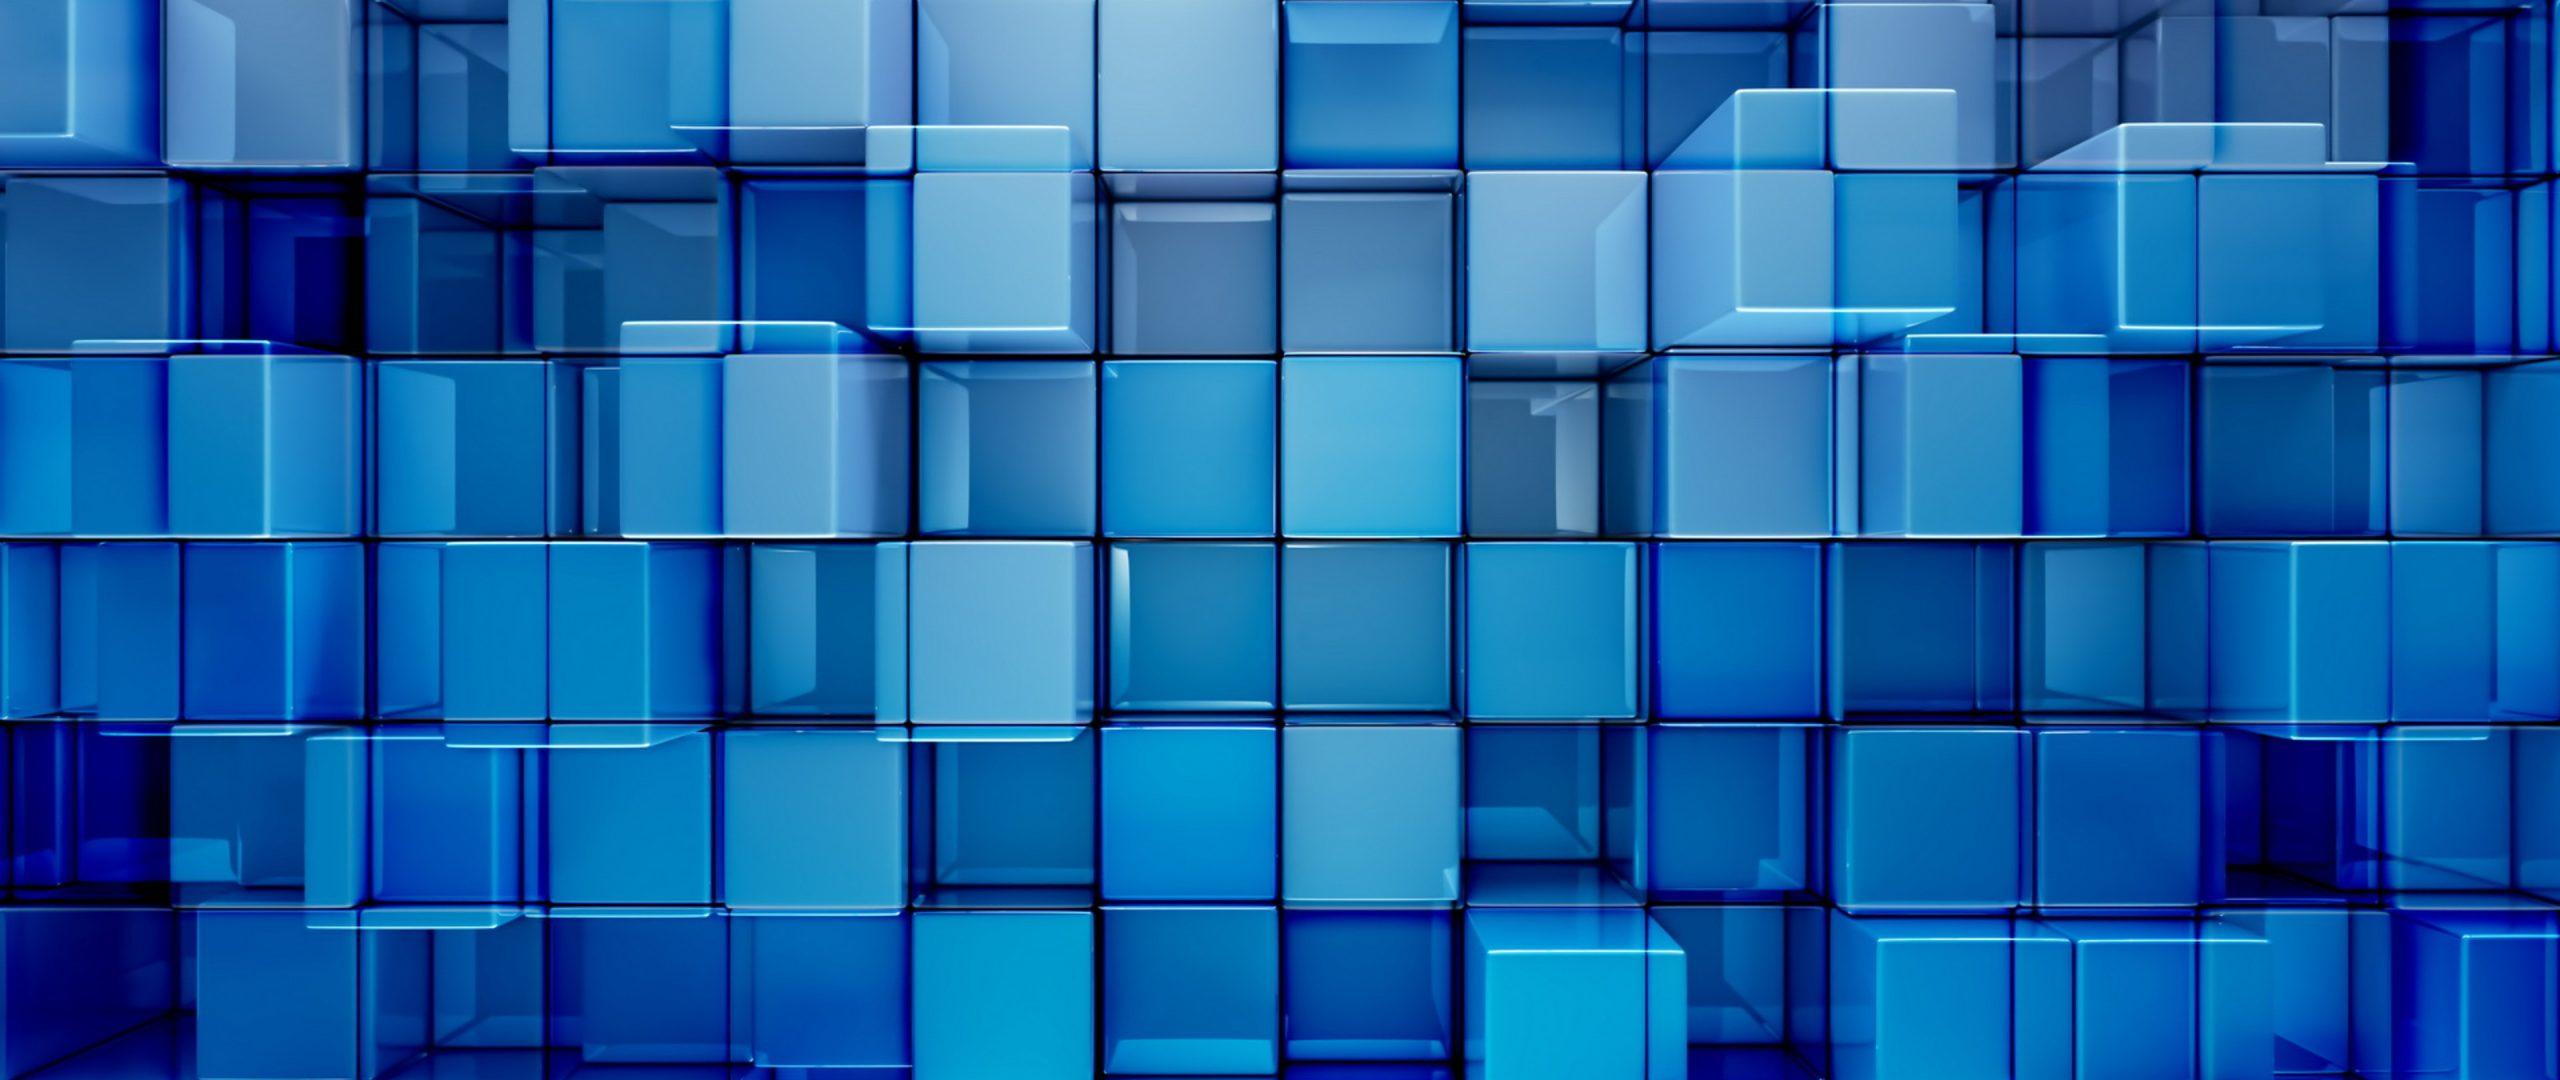 3D Cubes Abstract Pattern Blue 4K Wallpaper - Best Wallpapers